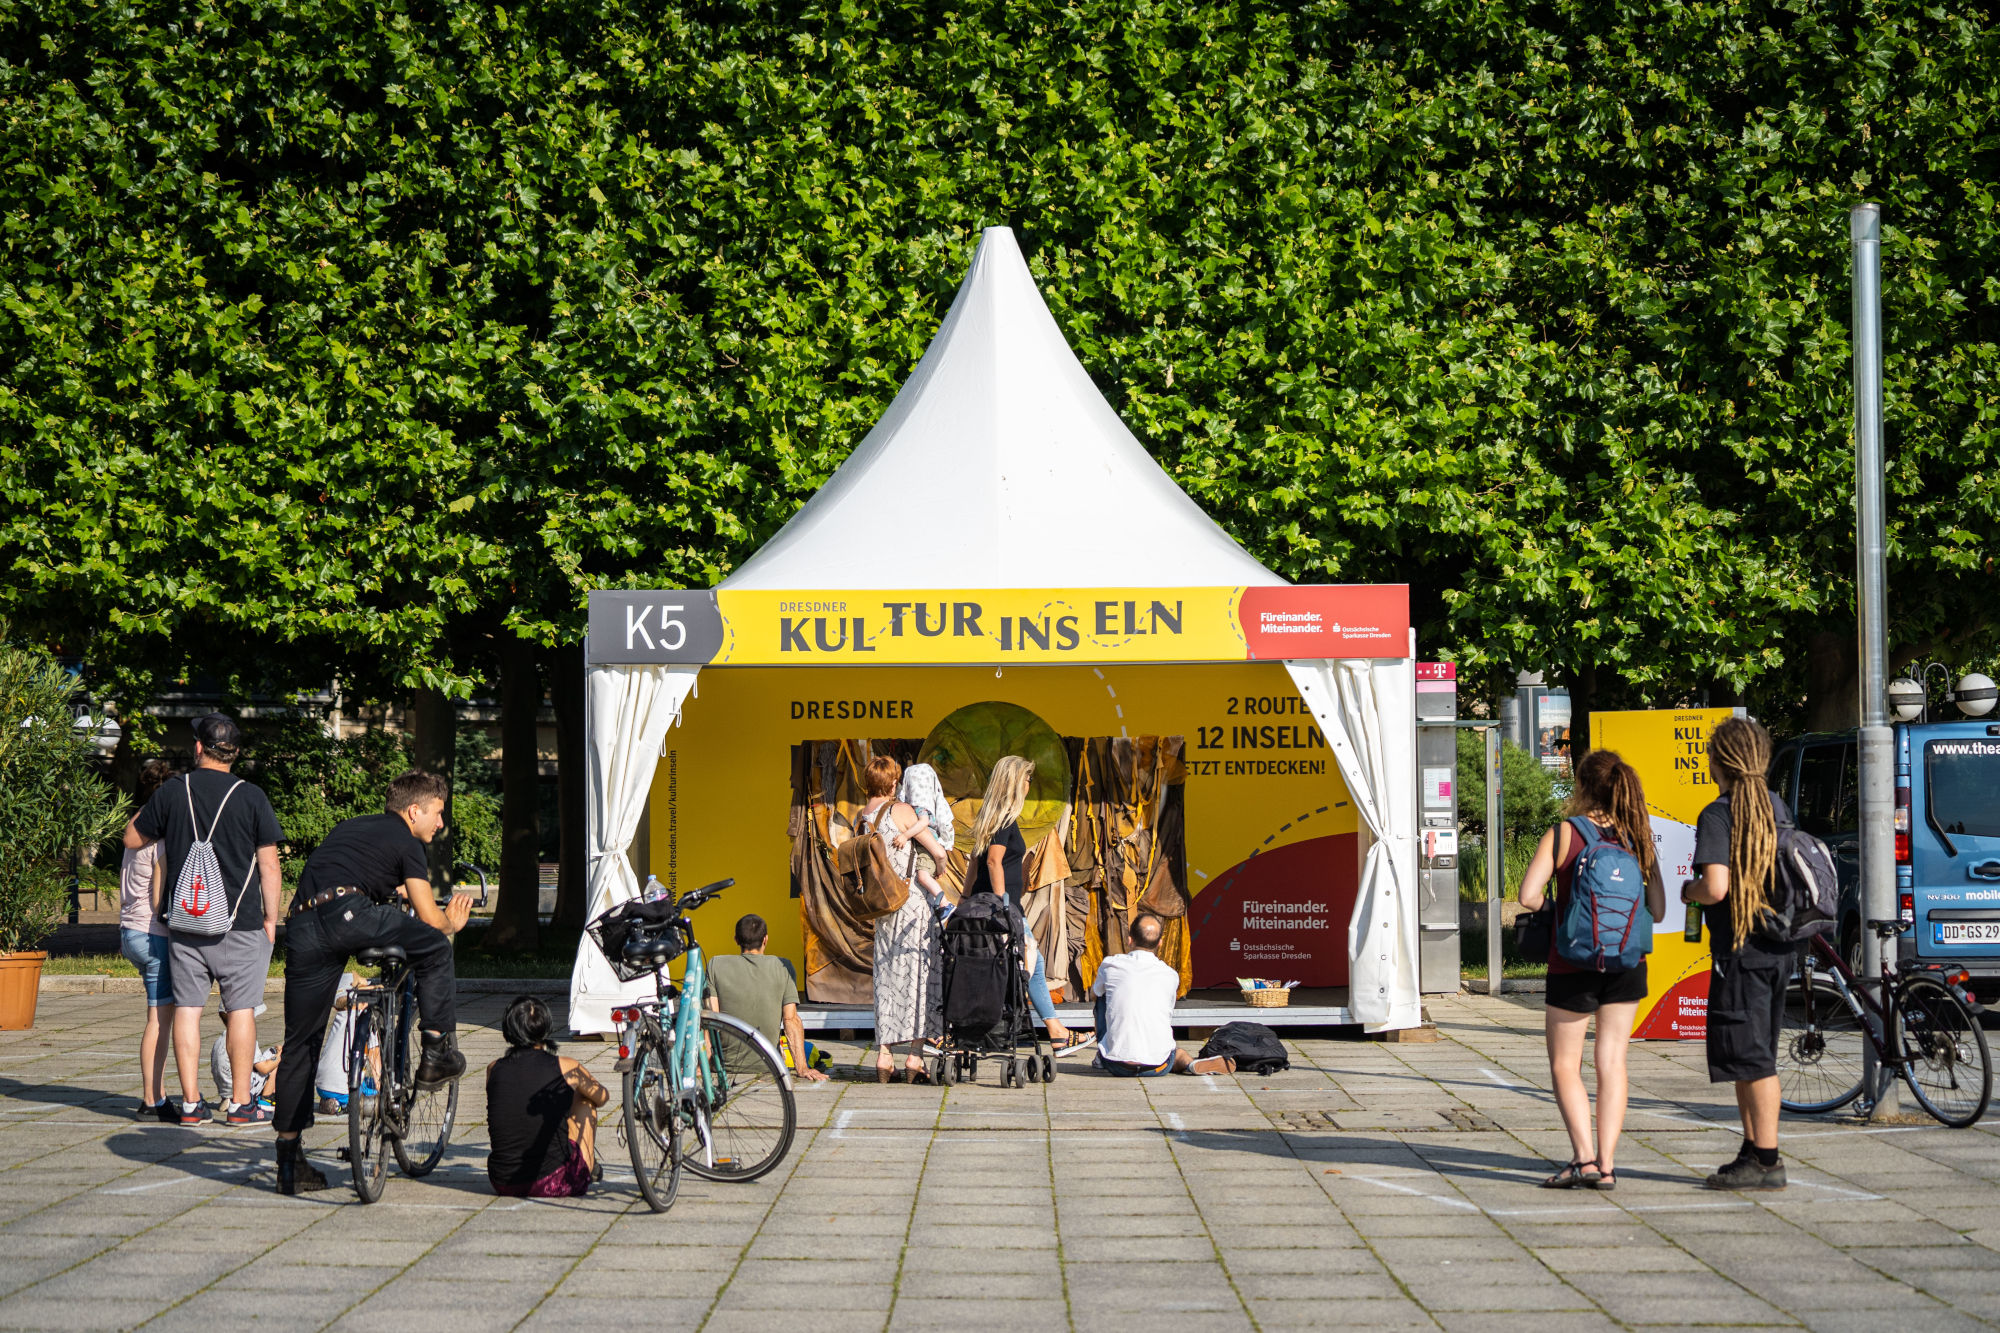 Dresdner Kulturinseln Goldener Reiter